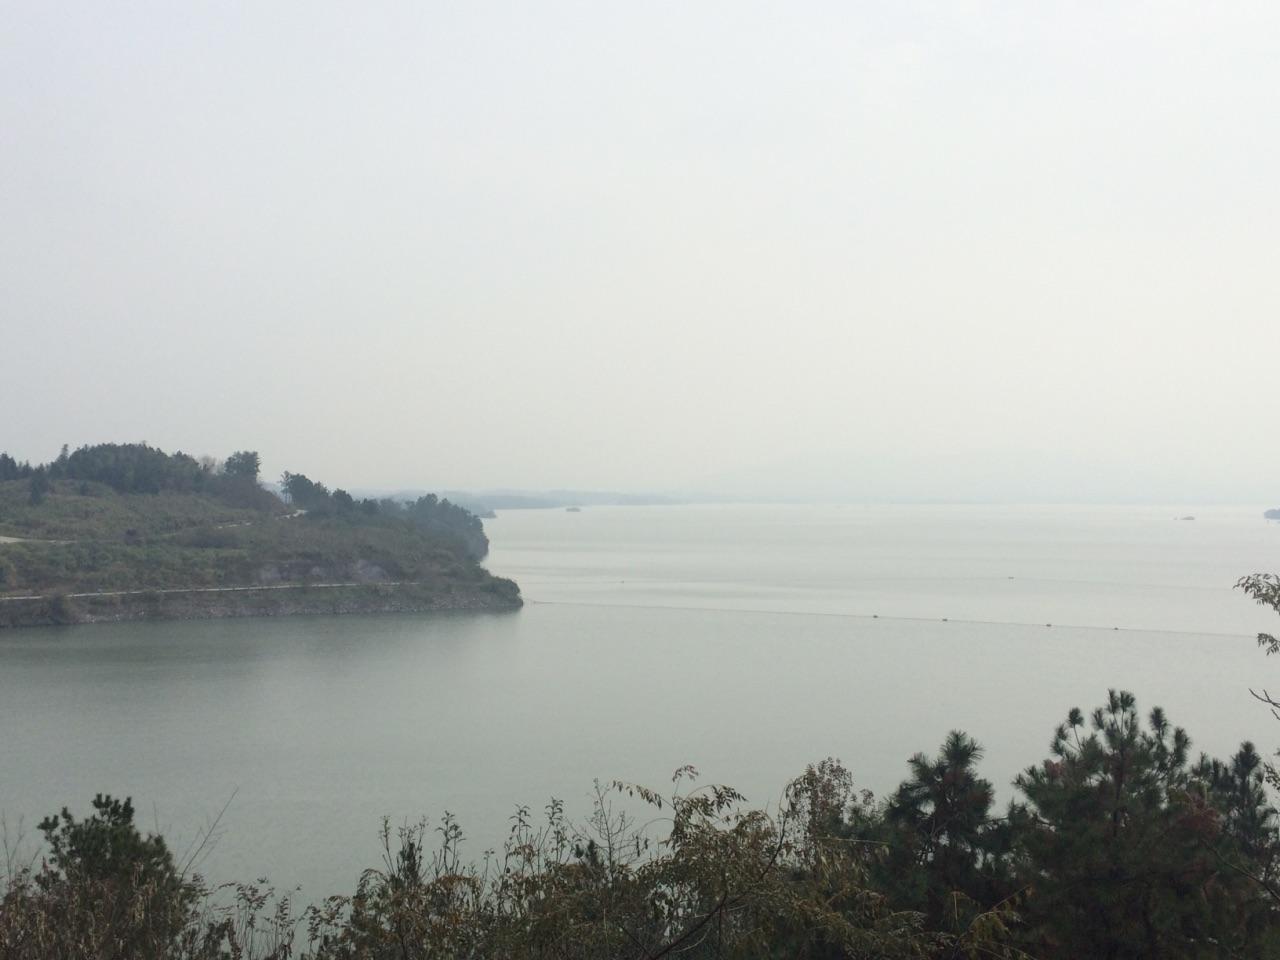 【携程攻略】舒城万佛湖风景区好玩吗,舒城万佛湖风景